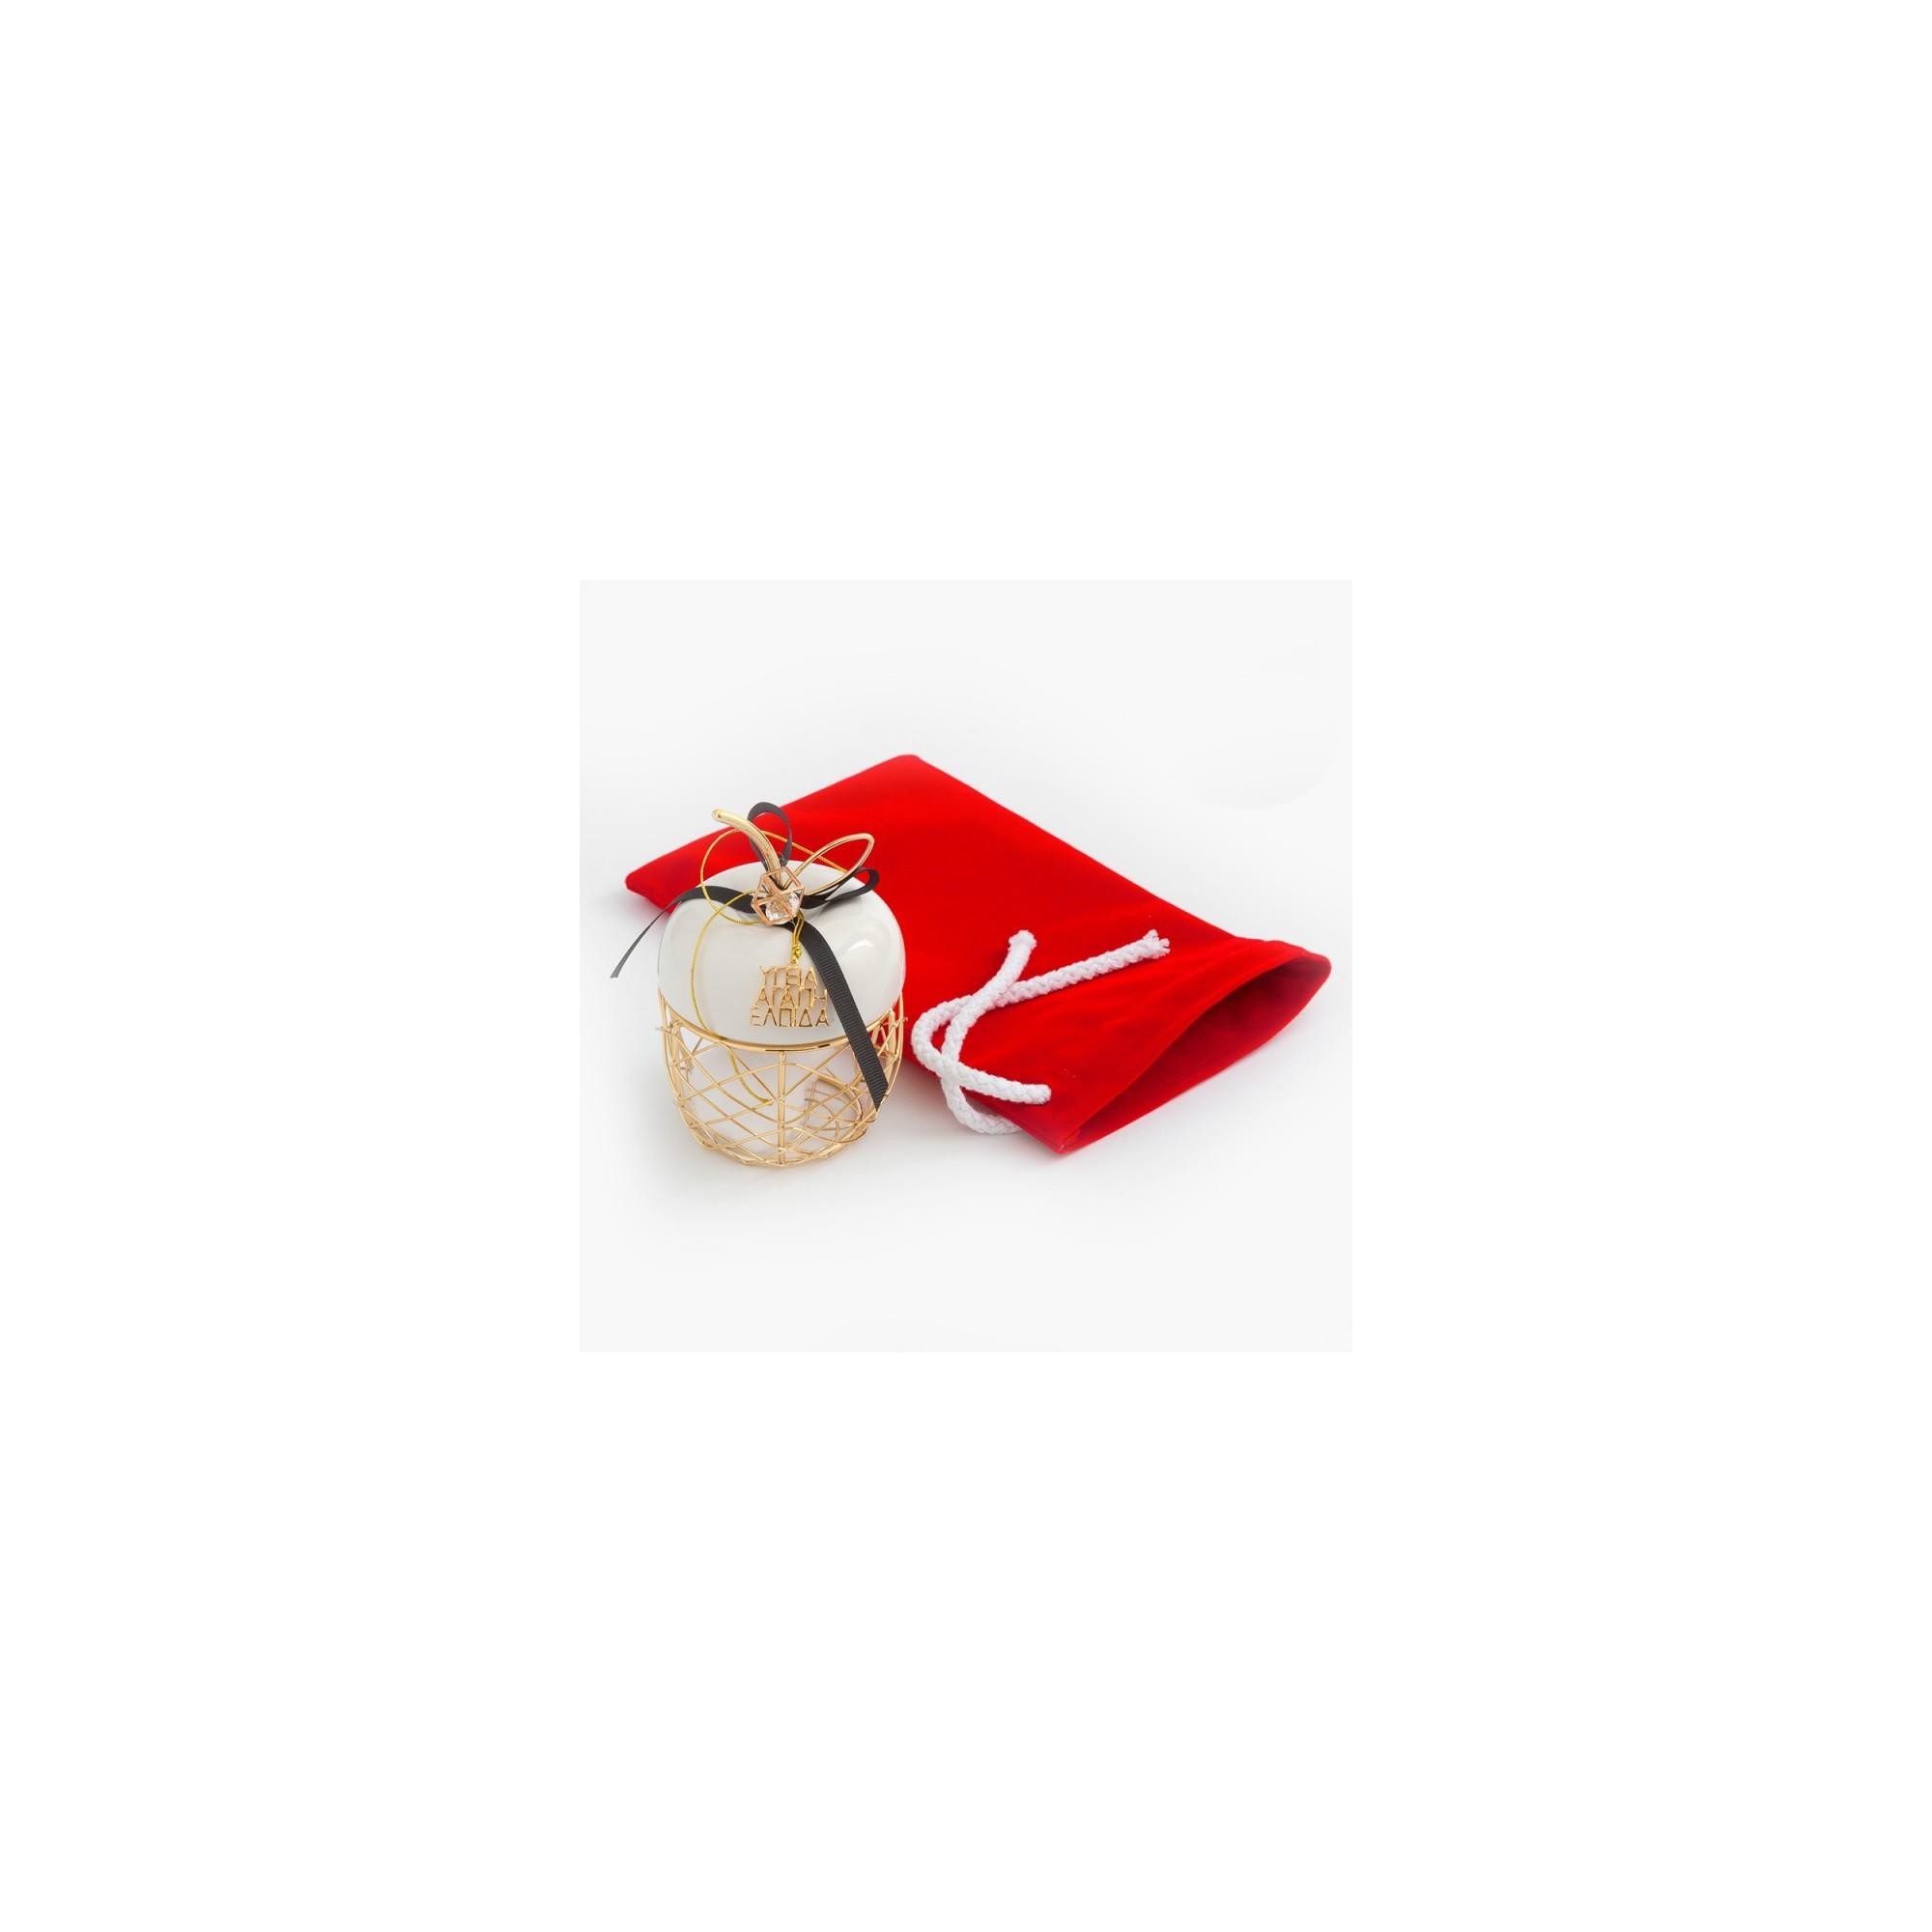 Χριστουγεννιάτικο γούρι με βελούδινο πουγκί - PAR-19242